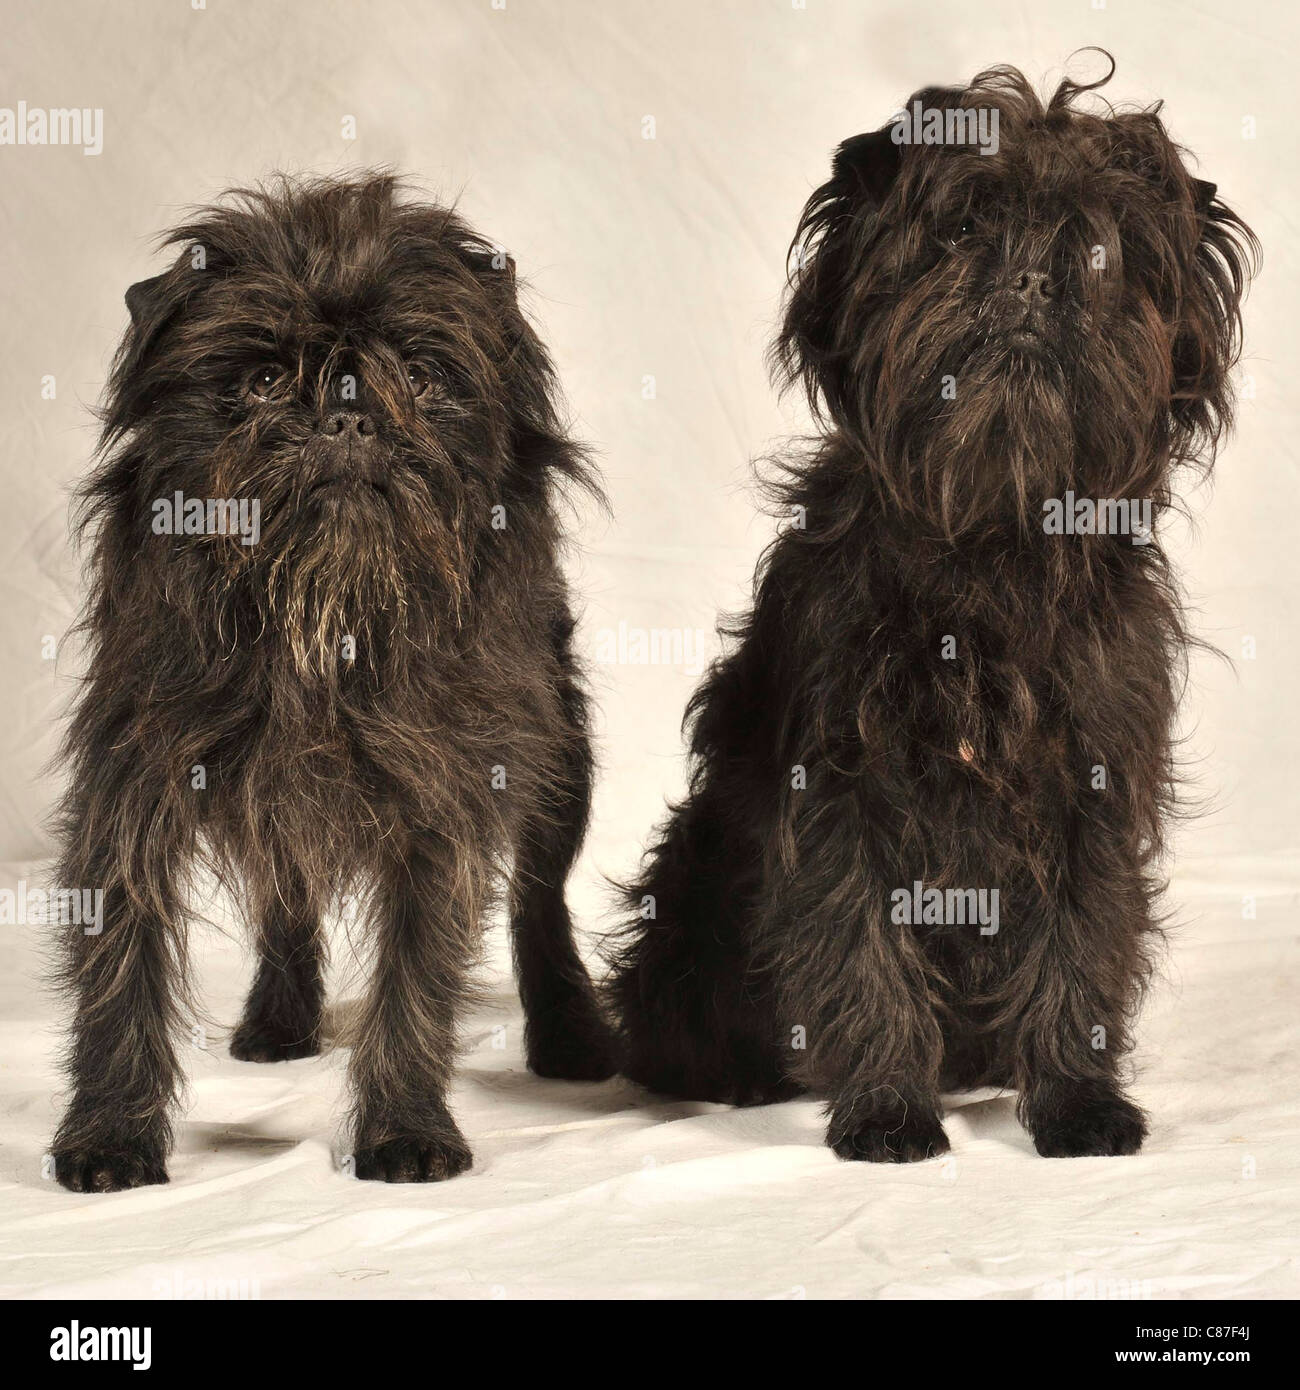 affenpinscher dogs - Stock Image